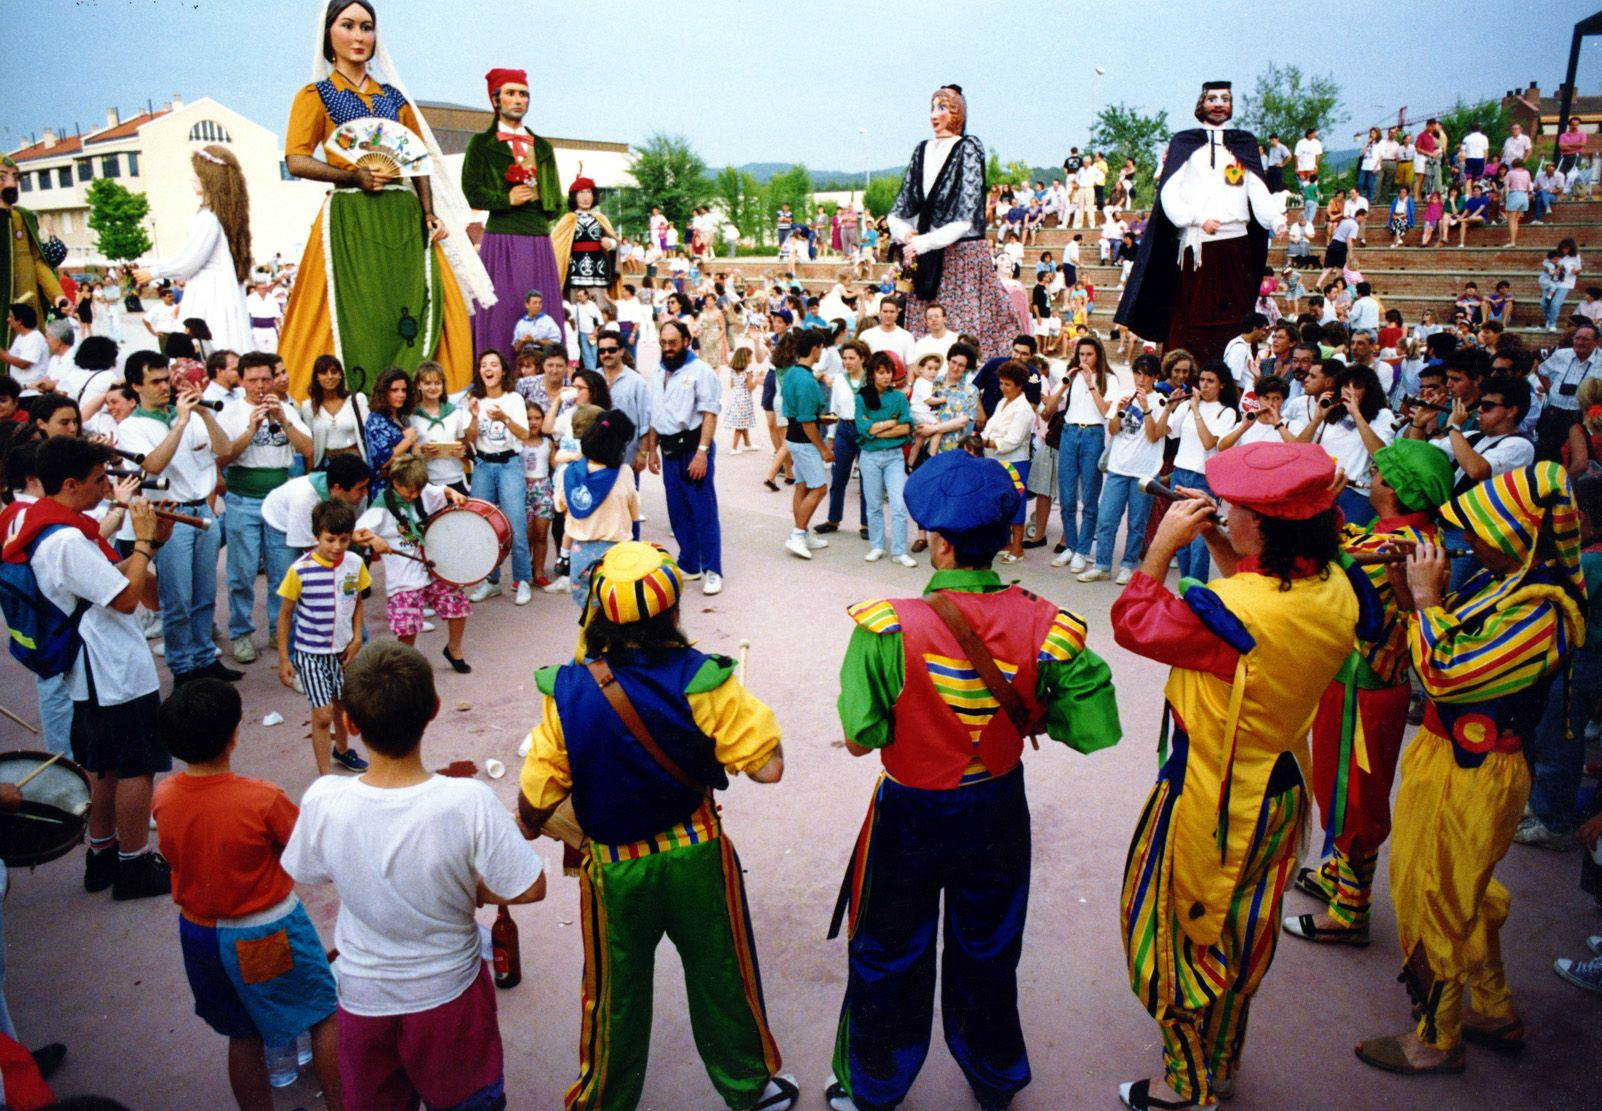 Trobada gegantera de Festa Major durant els anys '90. Foto: Arxiu.